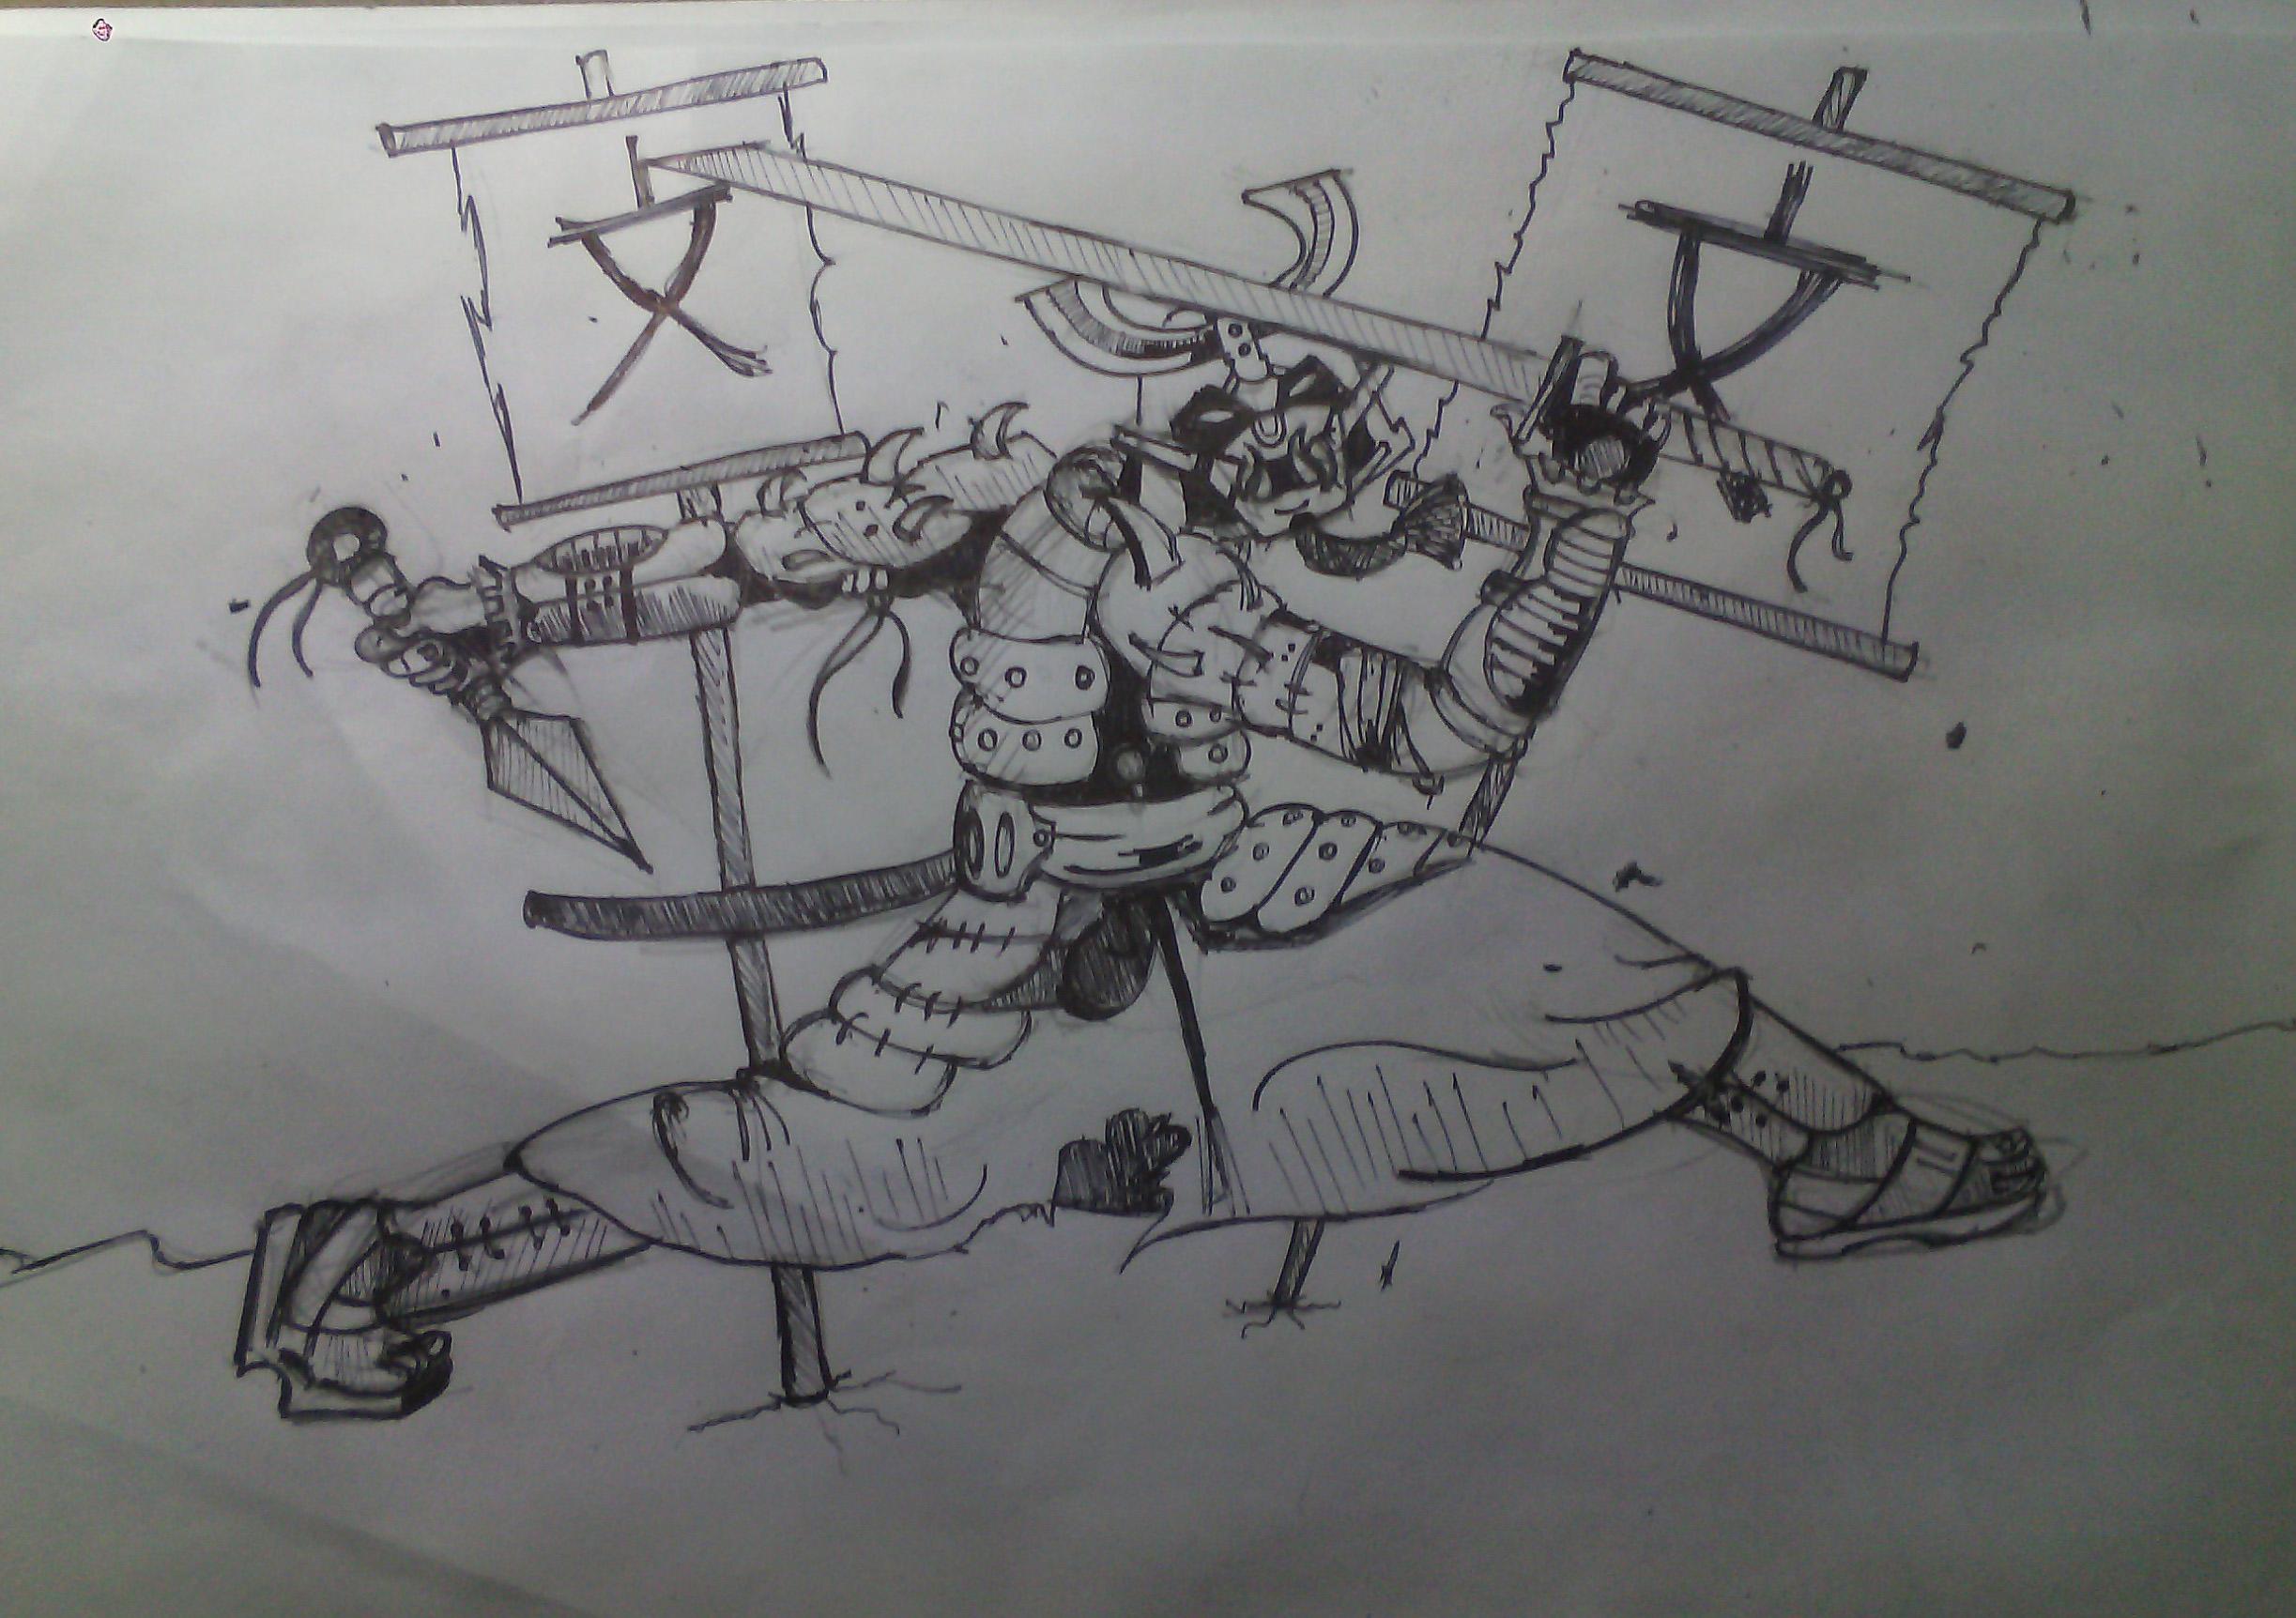 Venegance of the Samurai